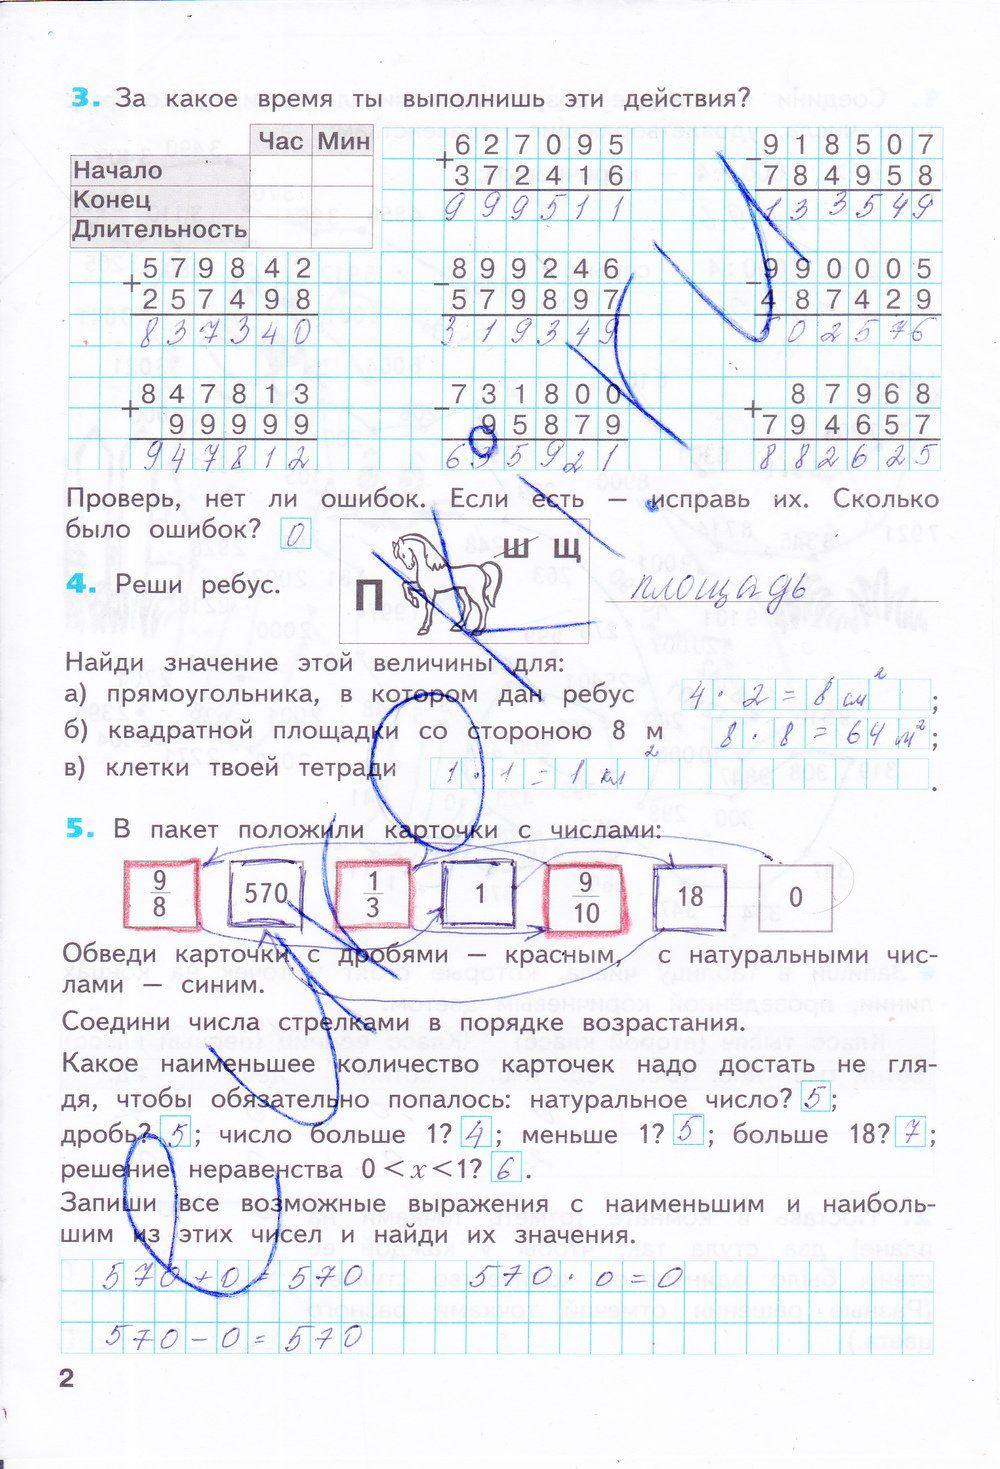 Решебник гдз по математике рабочая тетрадь 3 класс 1 часть бененсон итина